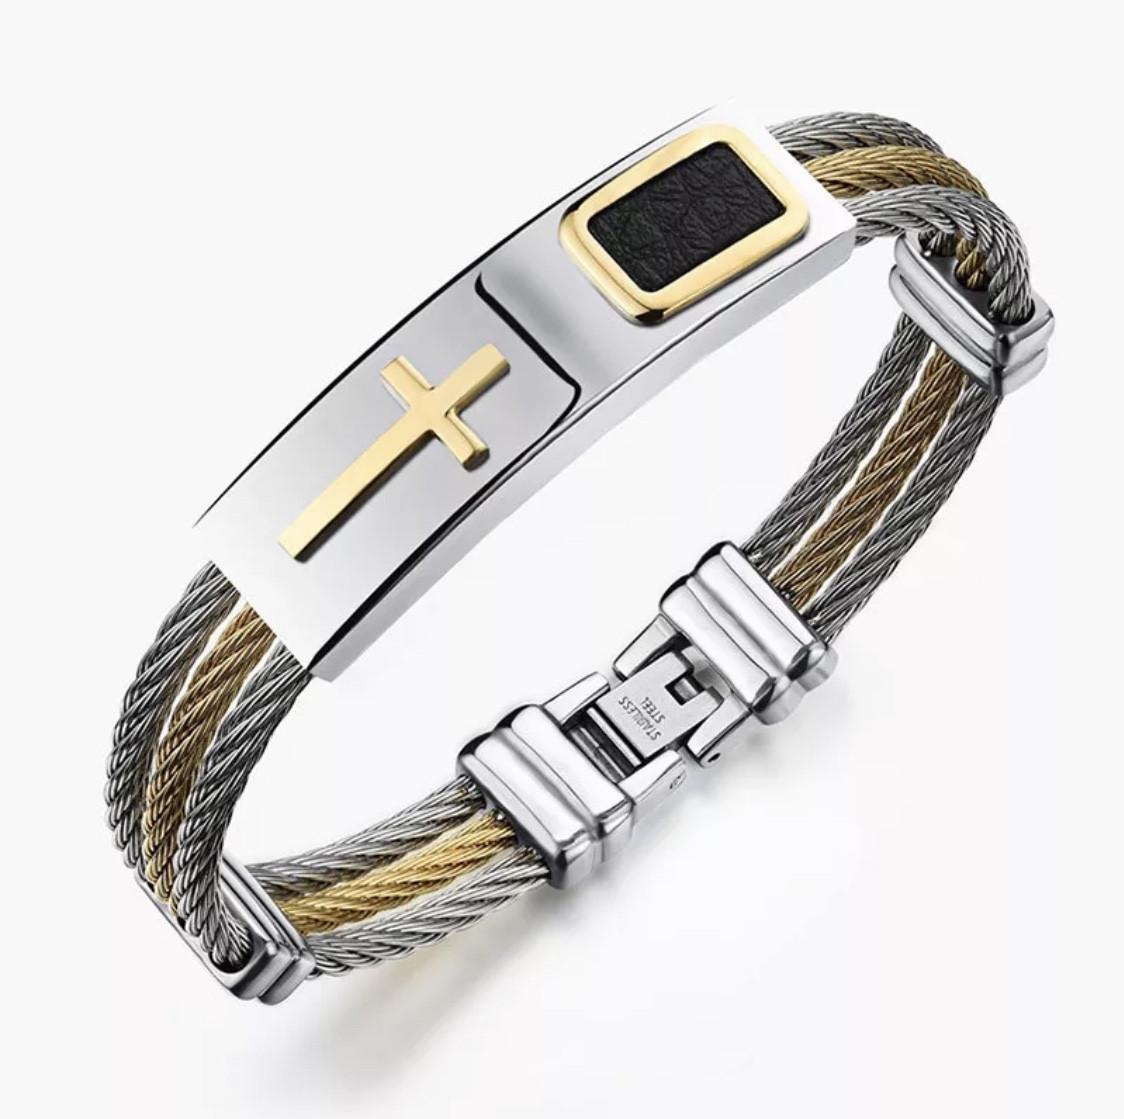 Мужской браслет из нержавеющей стали с жёсткой основой «Mystery» с золотым крестом